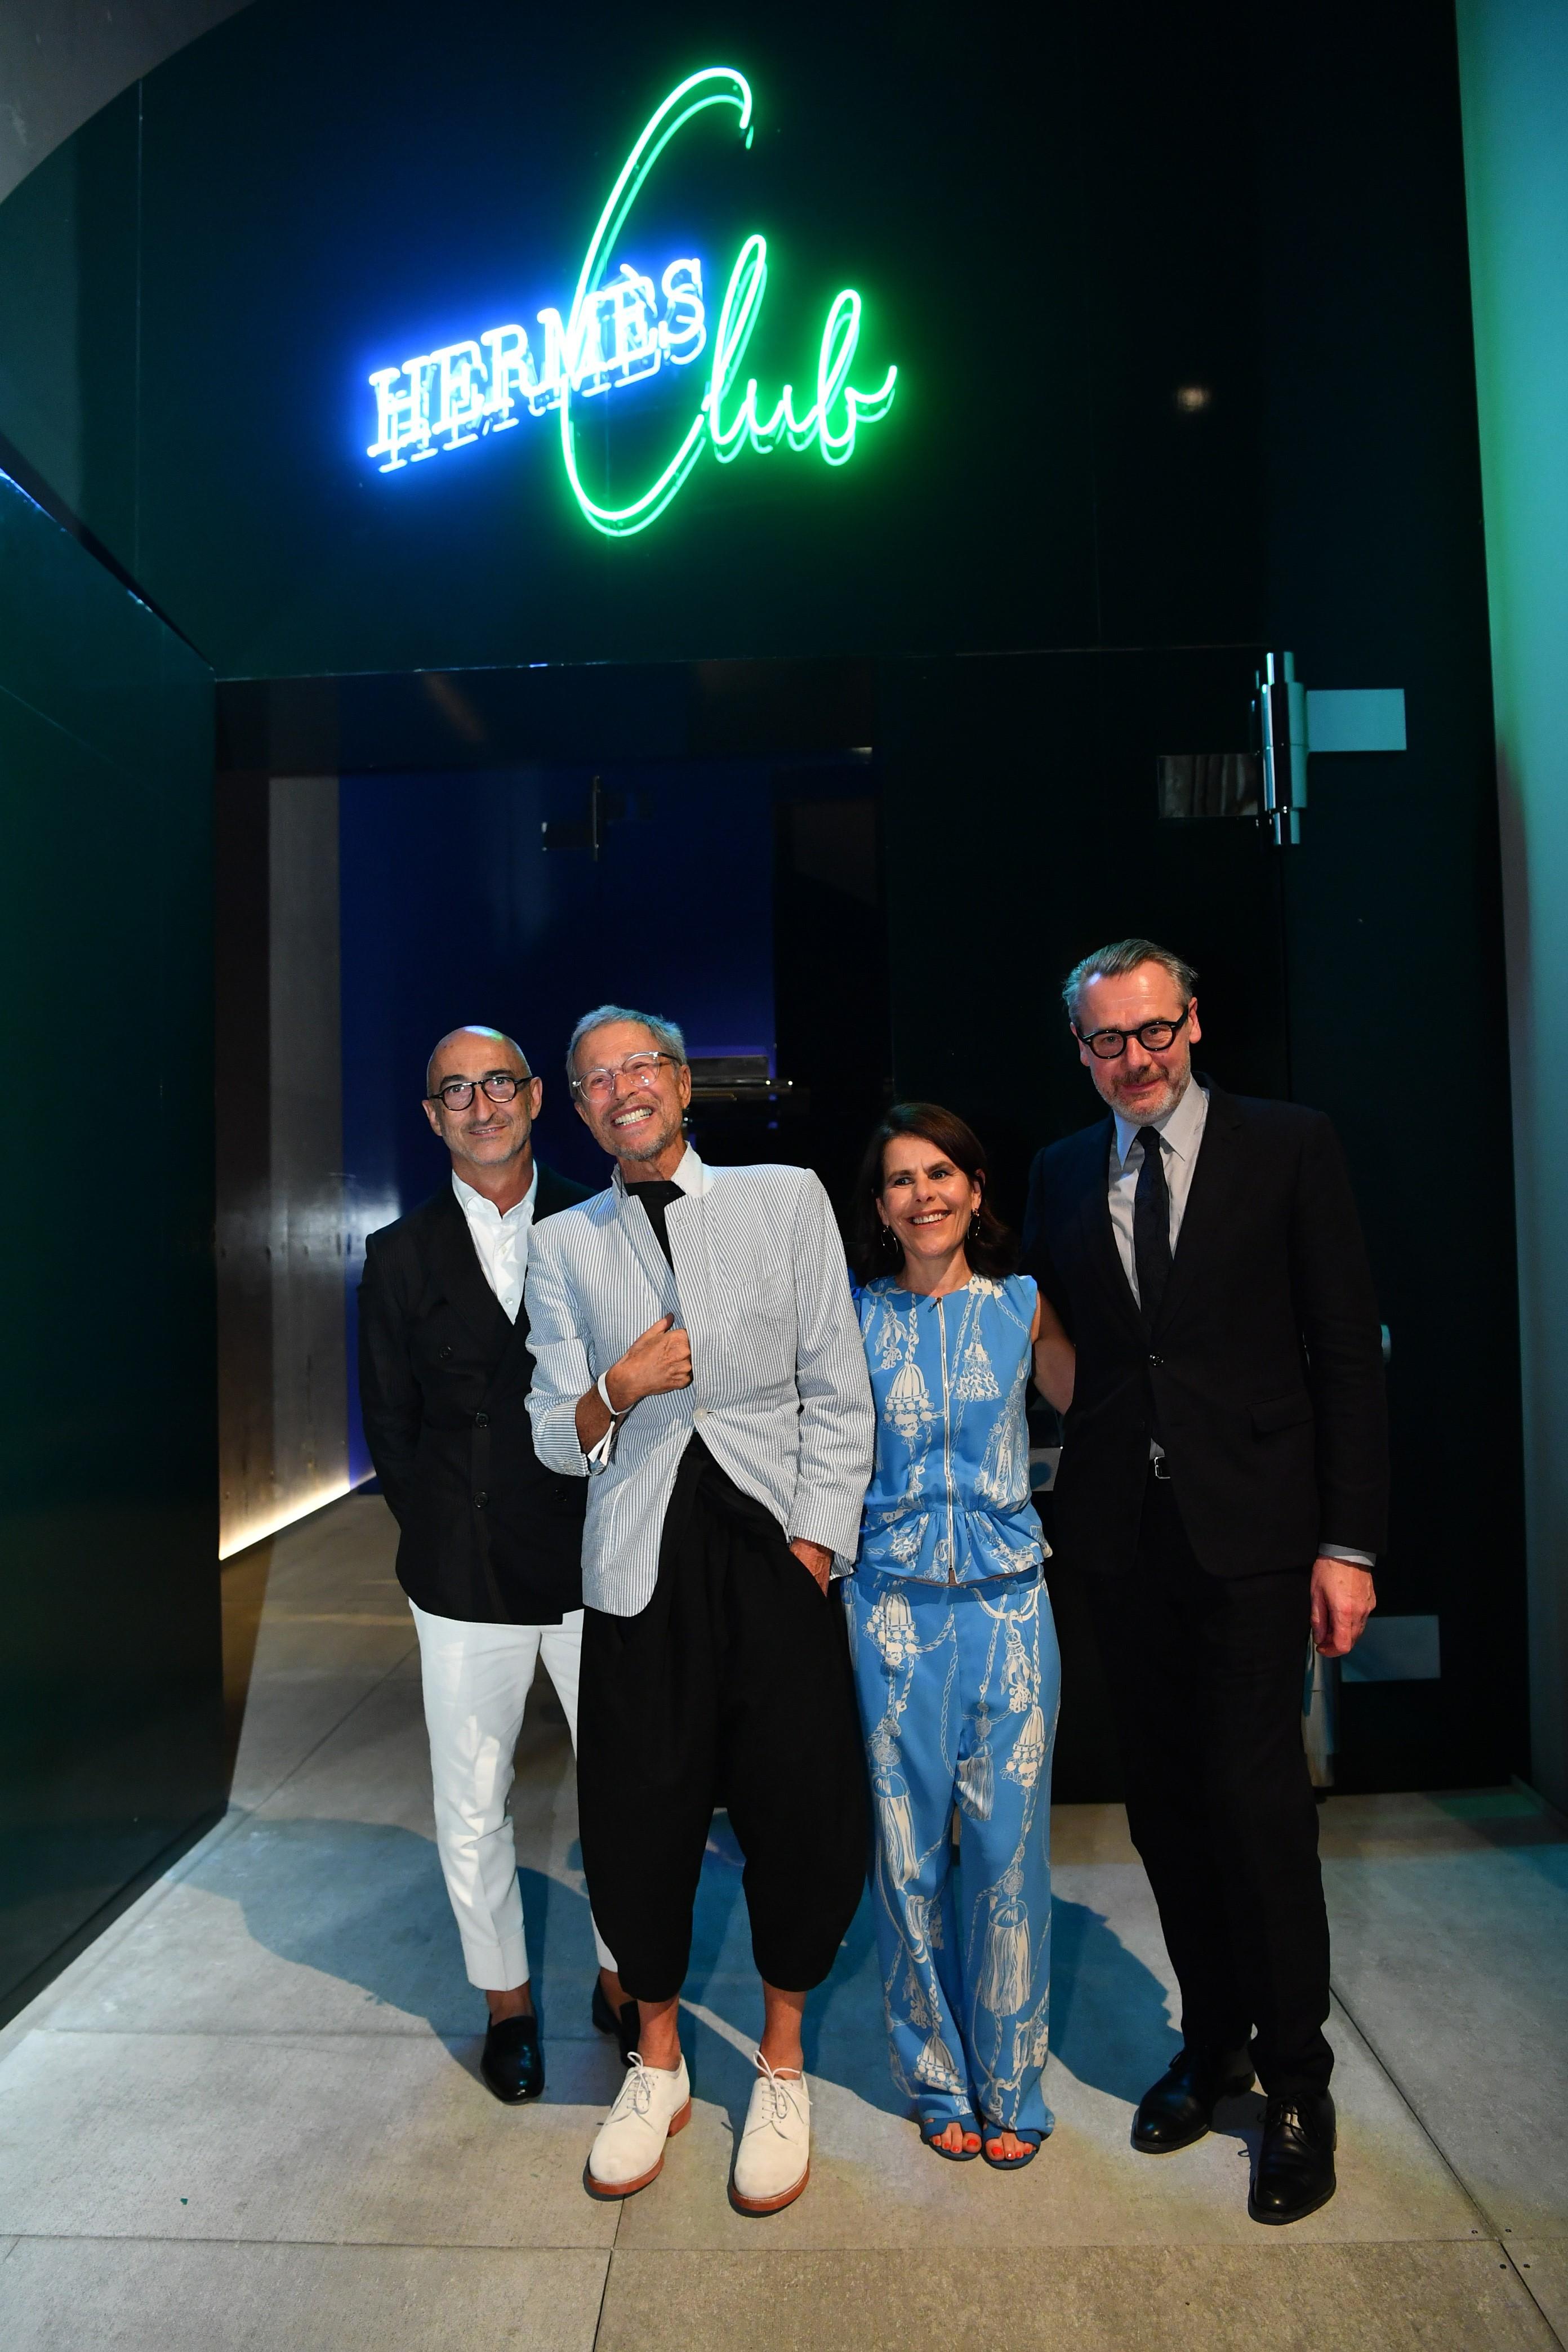 Từ trái sang: nhà thiết kế Pierre Hardy, nghệ sĩ Jean-Paul Goude, giám đốc nghệ thuật Bali Barret và nhà thiết kế bối cảnh Antoine Platteau.